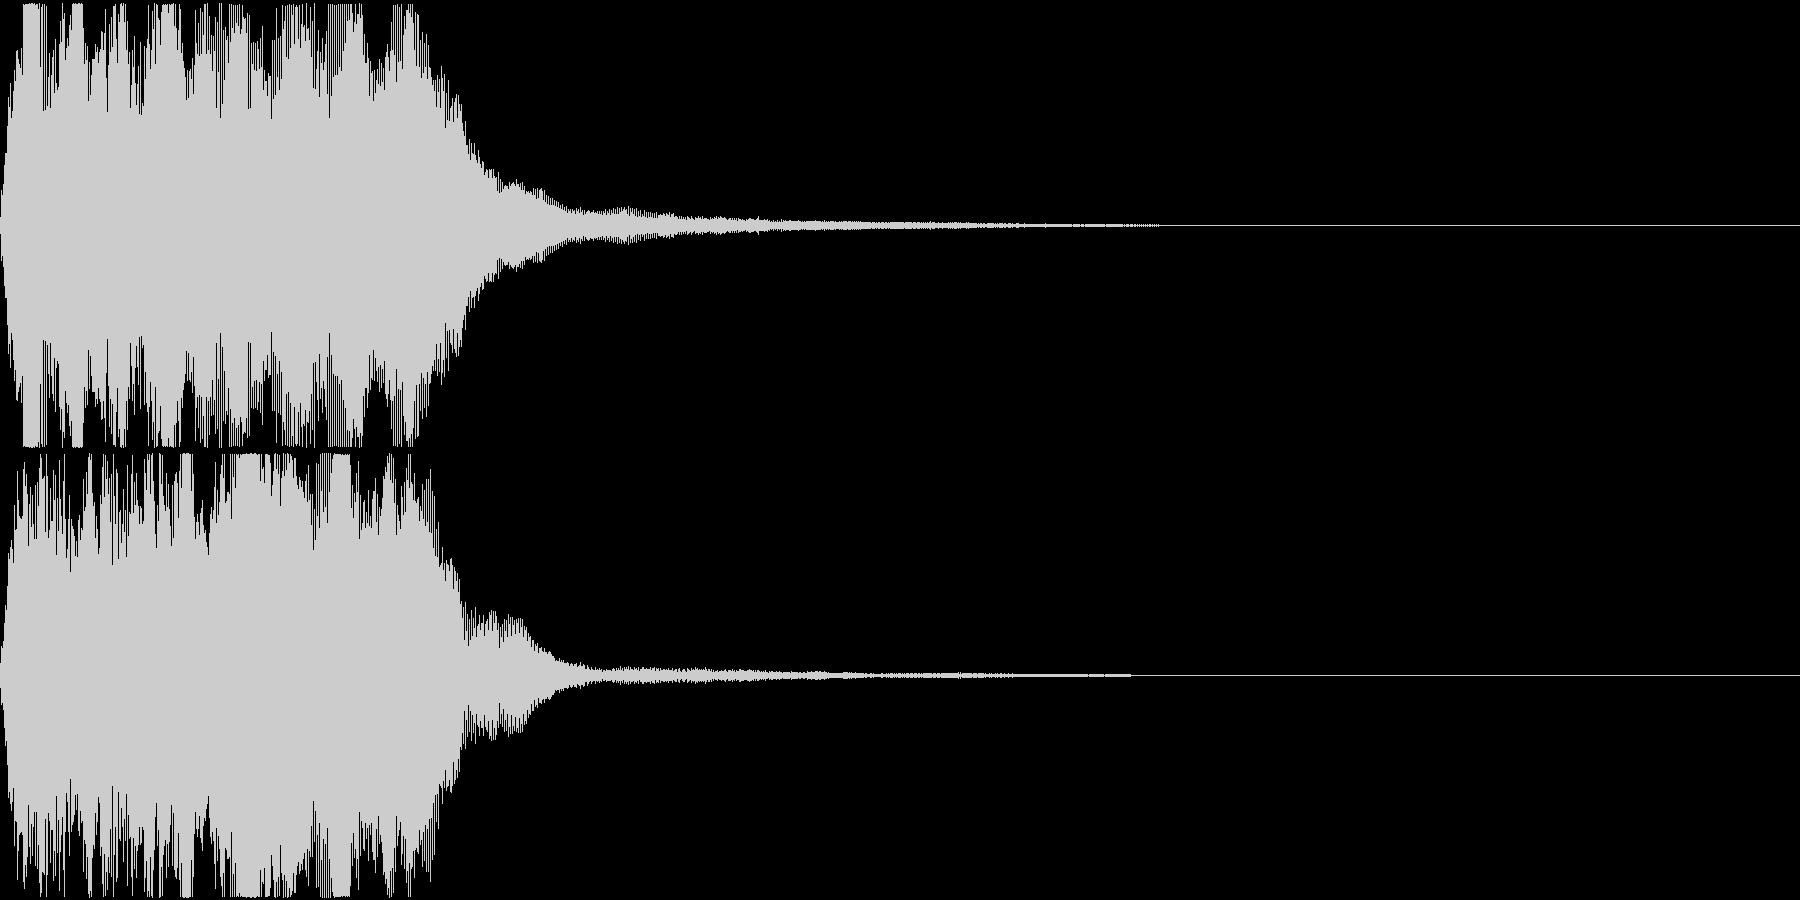 ラッパ ファンファーレ 定番 21の未再生の波形